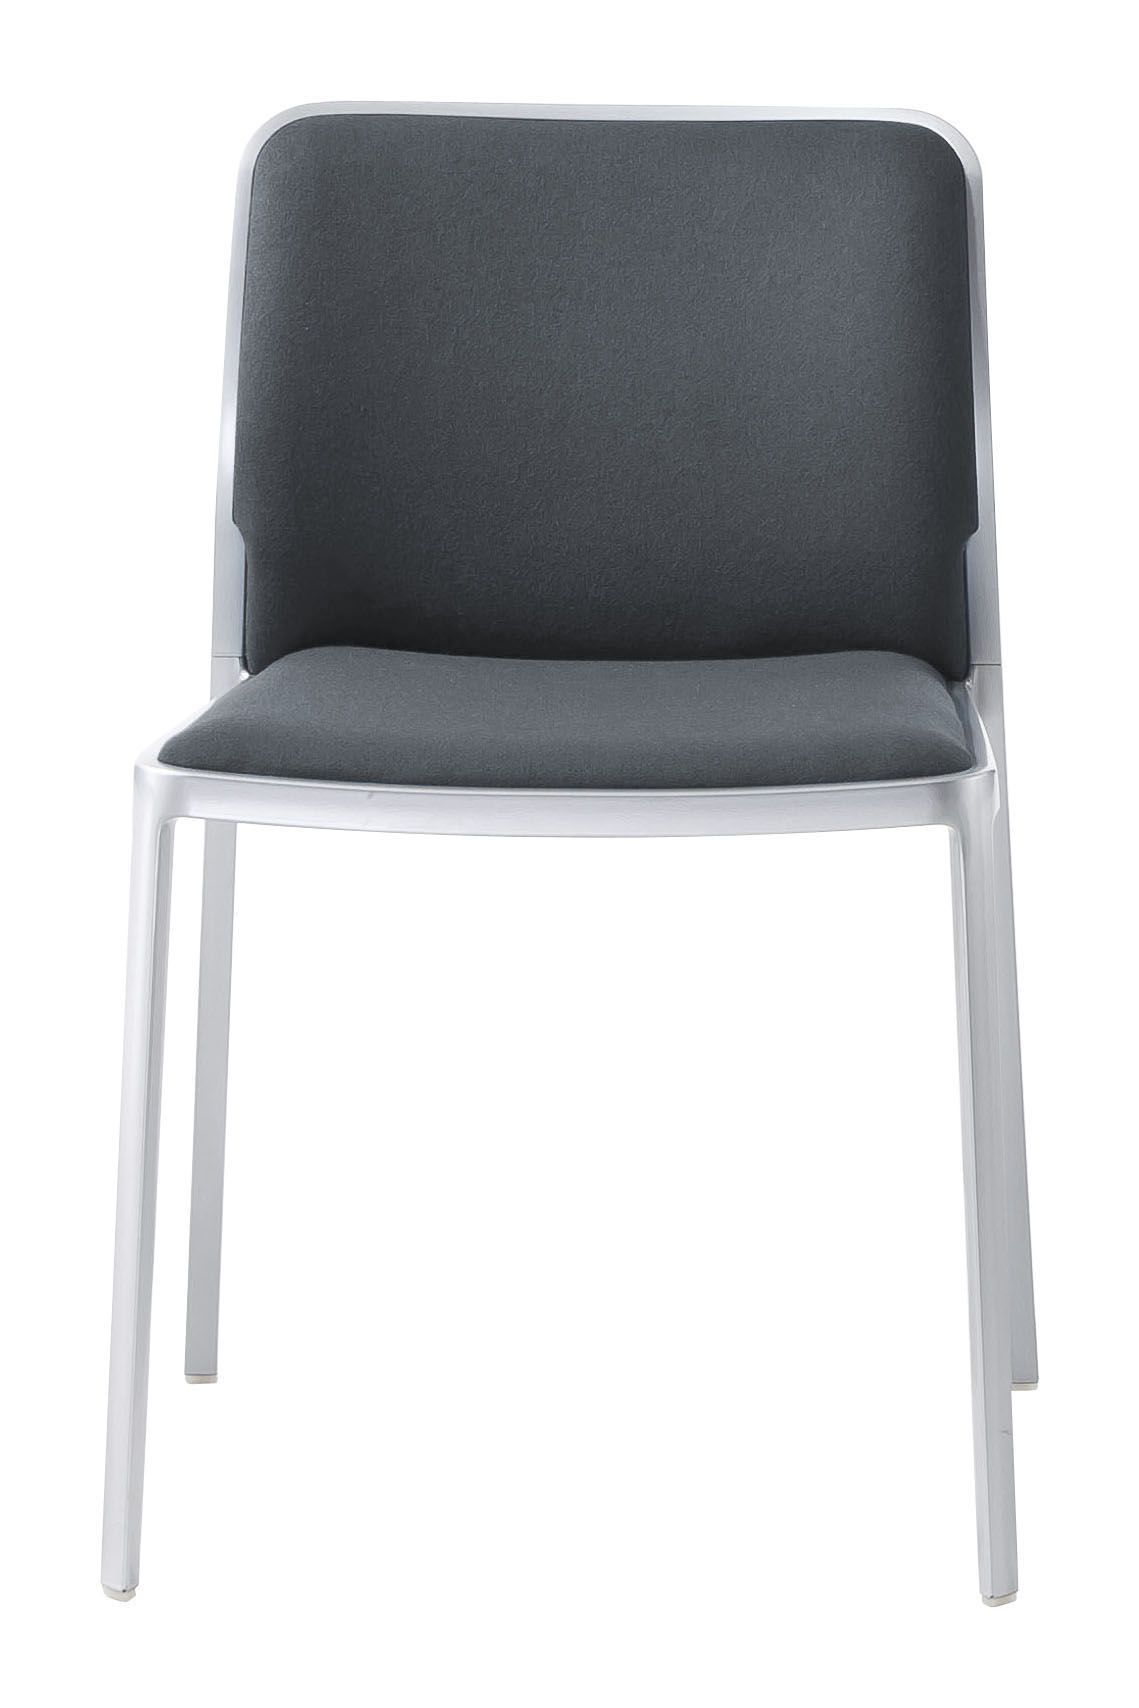 Mobilier - Chaises, fauteuils de salle à manger - Chaise rembourrée Audrey Soft / Structure alu mat - Kartell - Structure alu mat / tissu gris - Aluminium verni, Tissu